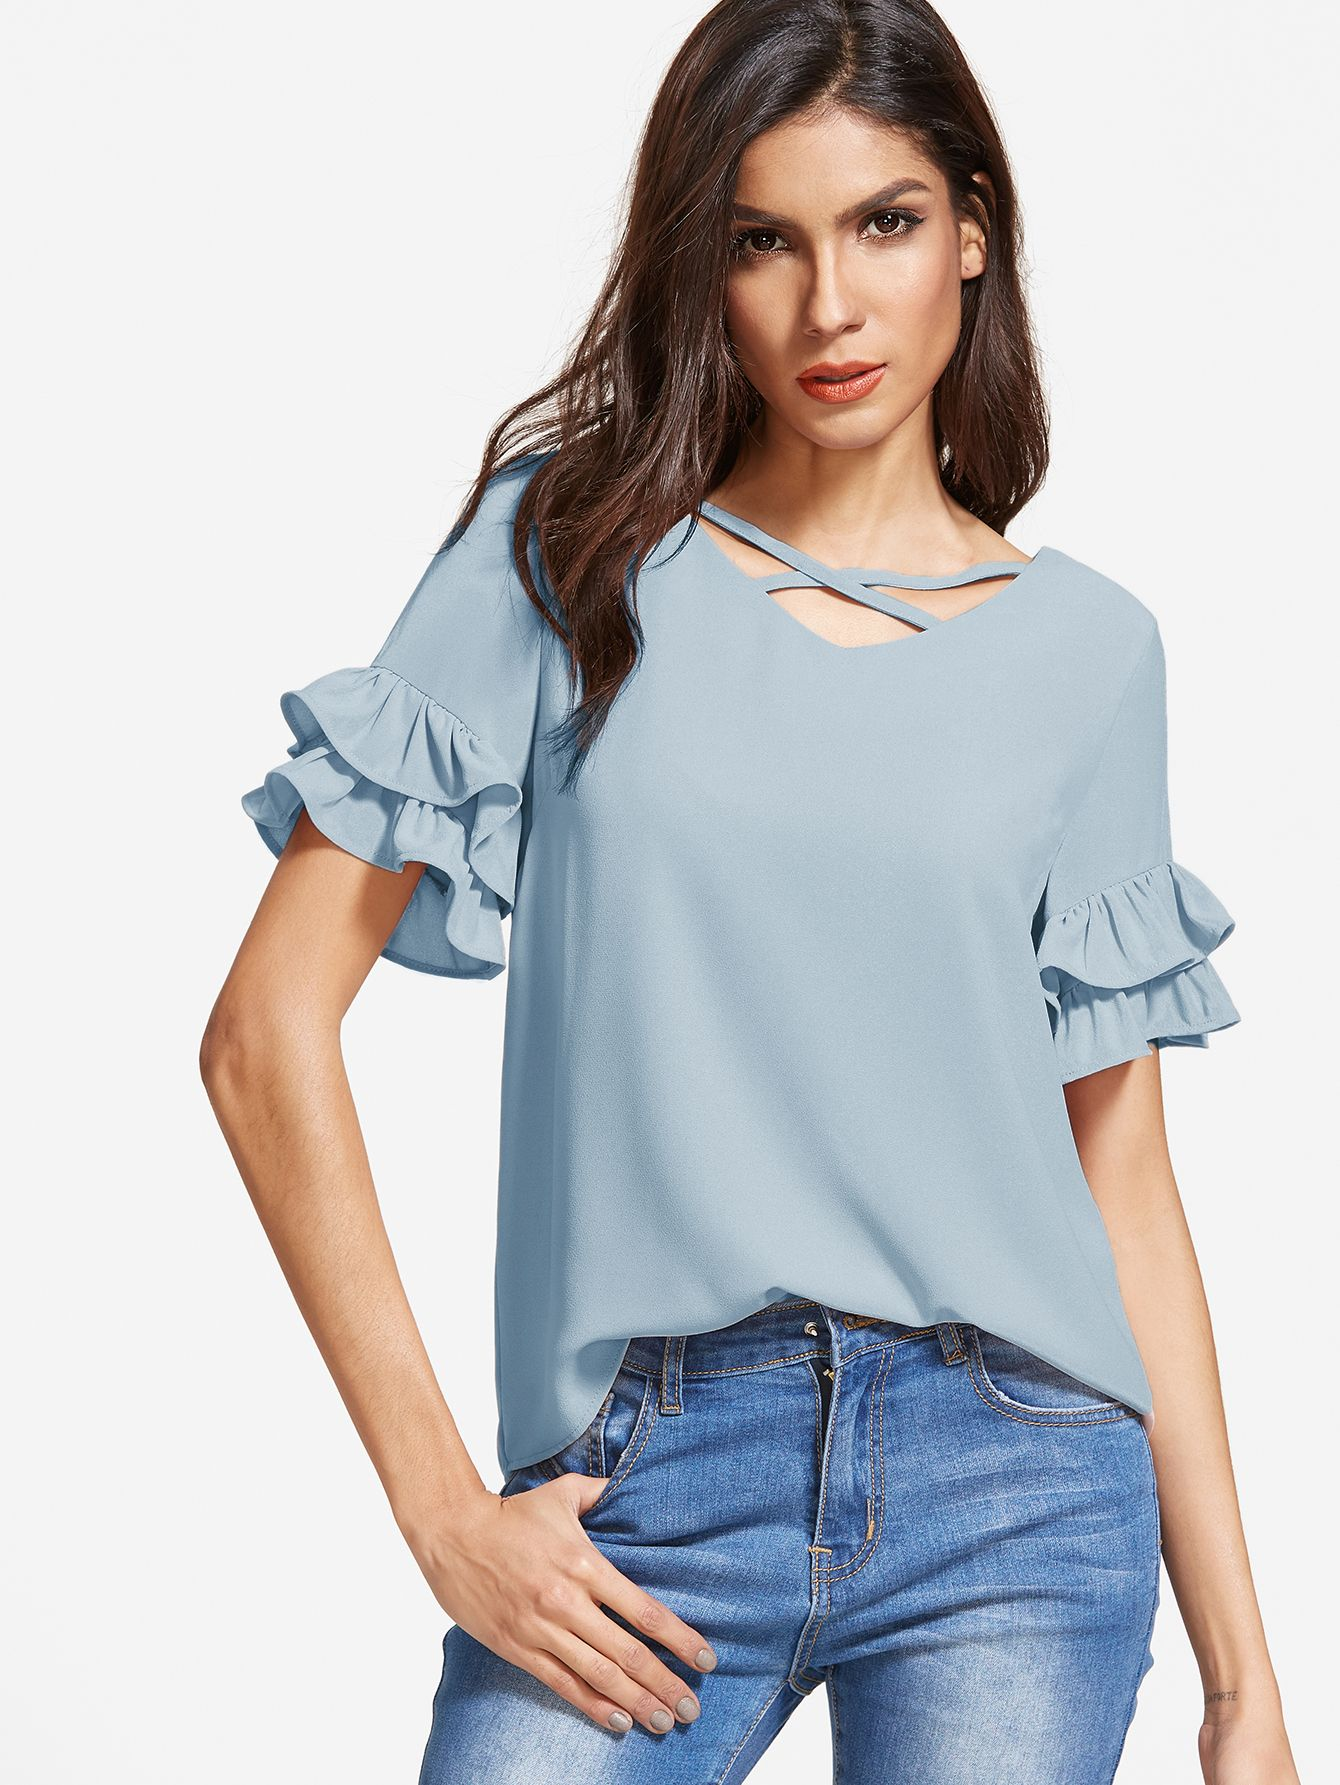 95fd7010da738 Shop Crisscross V Neck Layered Ruffle Sleeve Top online. SheIn offers  Crisscross V Neck Layered